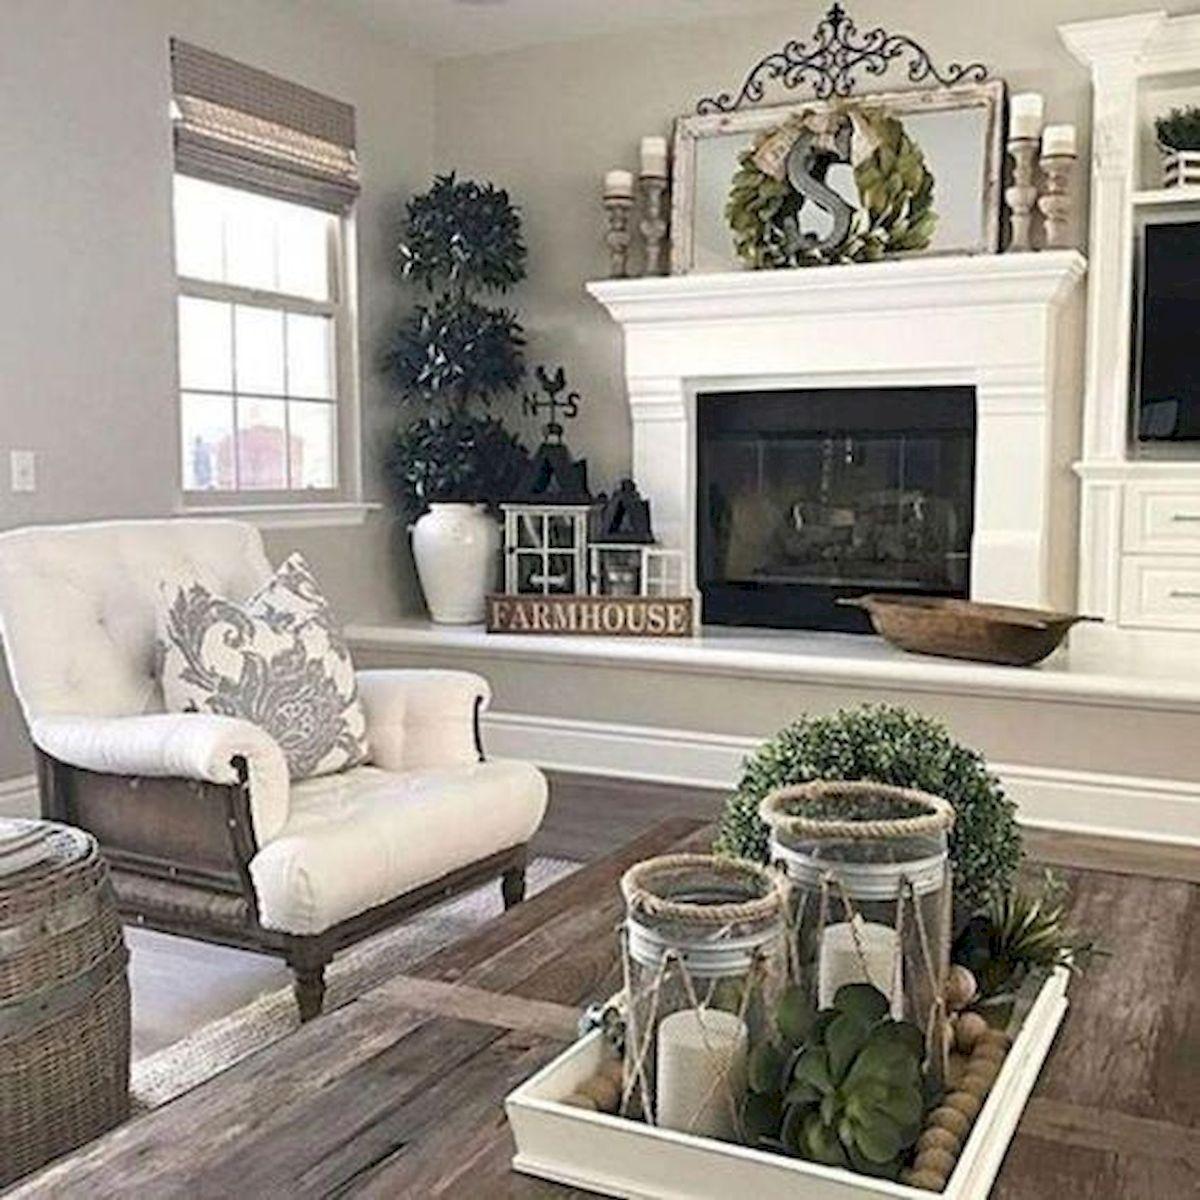 50 Cozy Farmhouse Living Room Design and Decor Ideas (7)